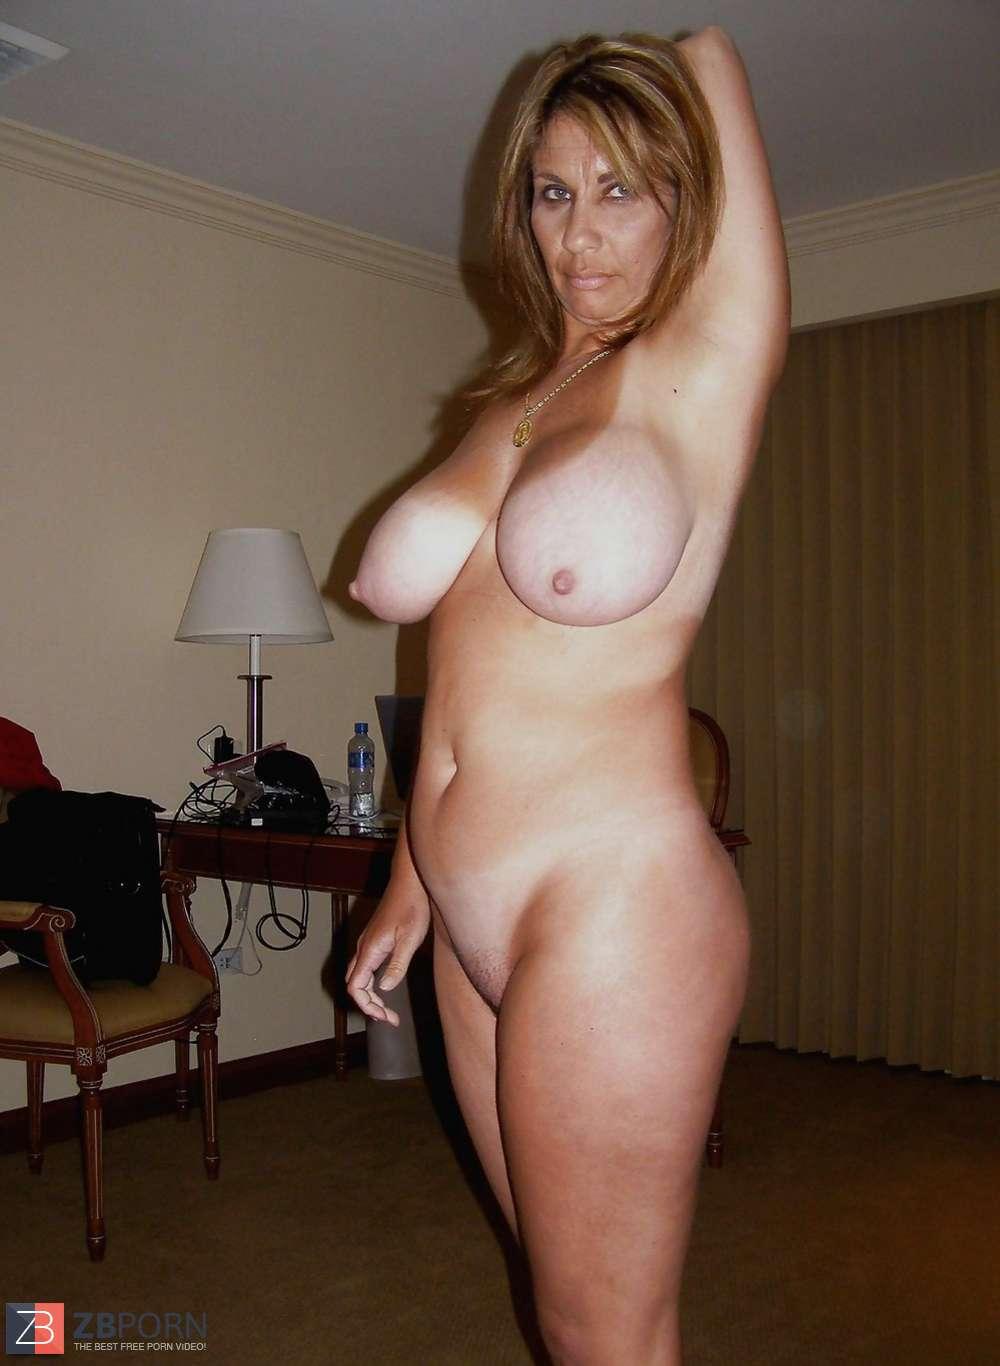 Arap Sex Porn arab mature porn best porn free pics.